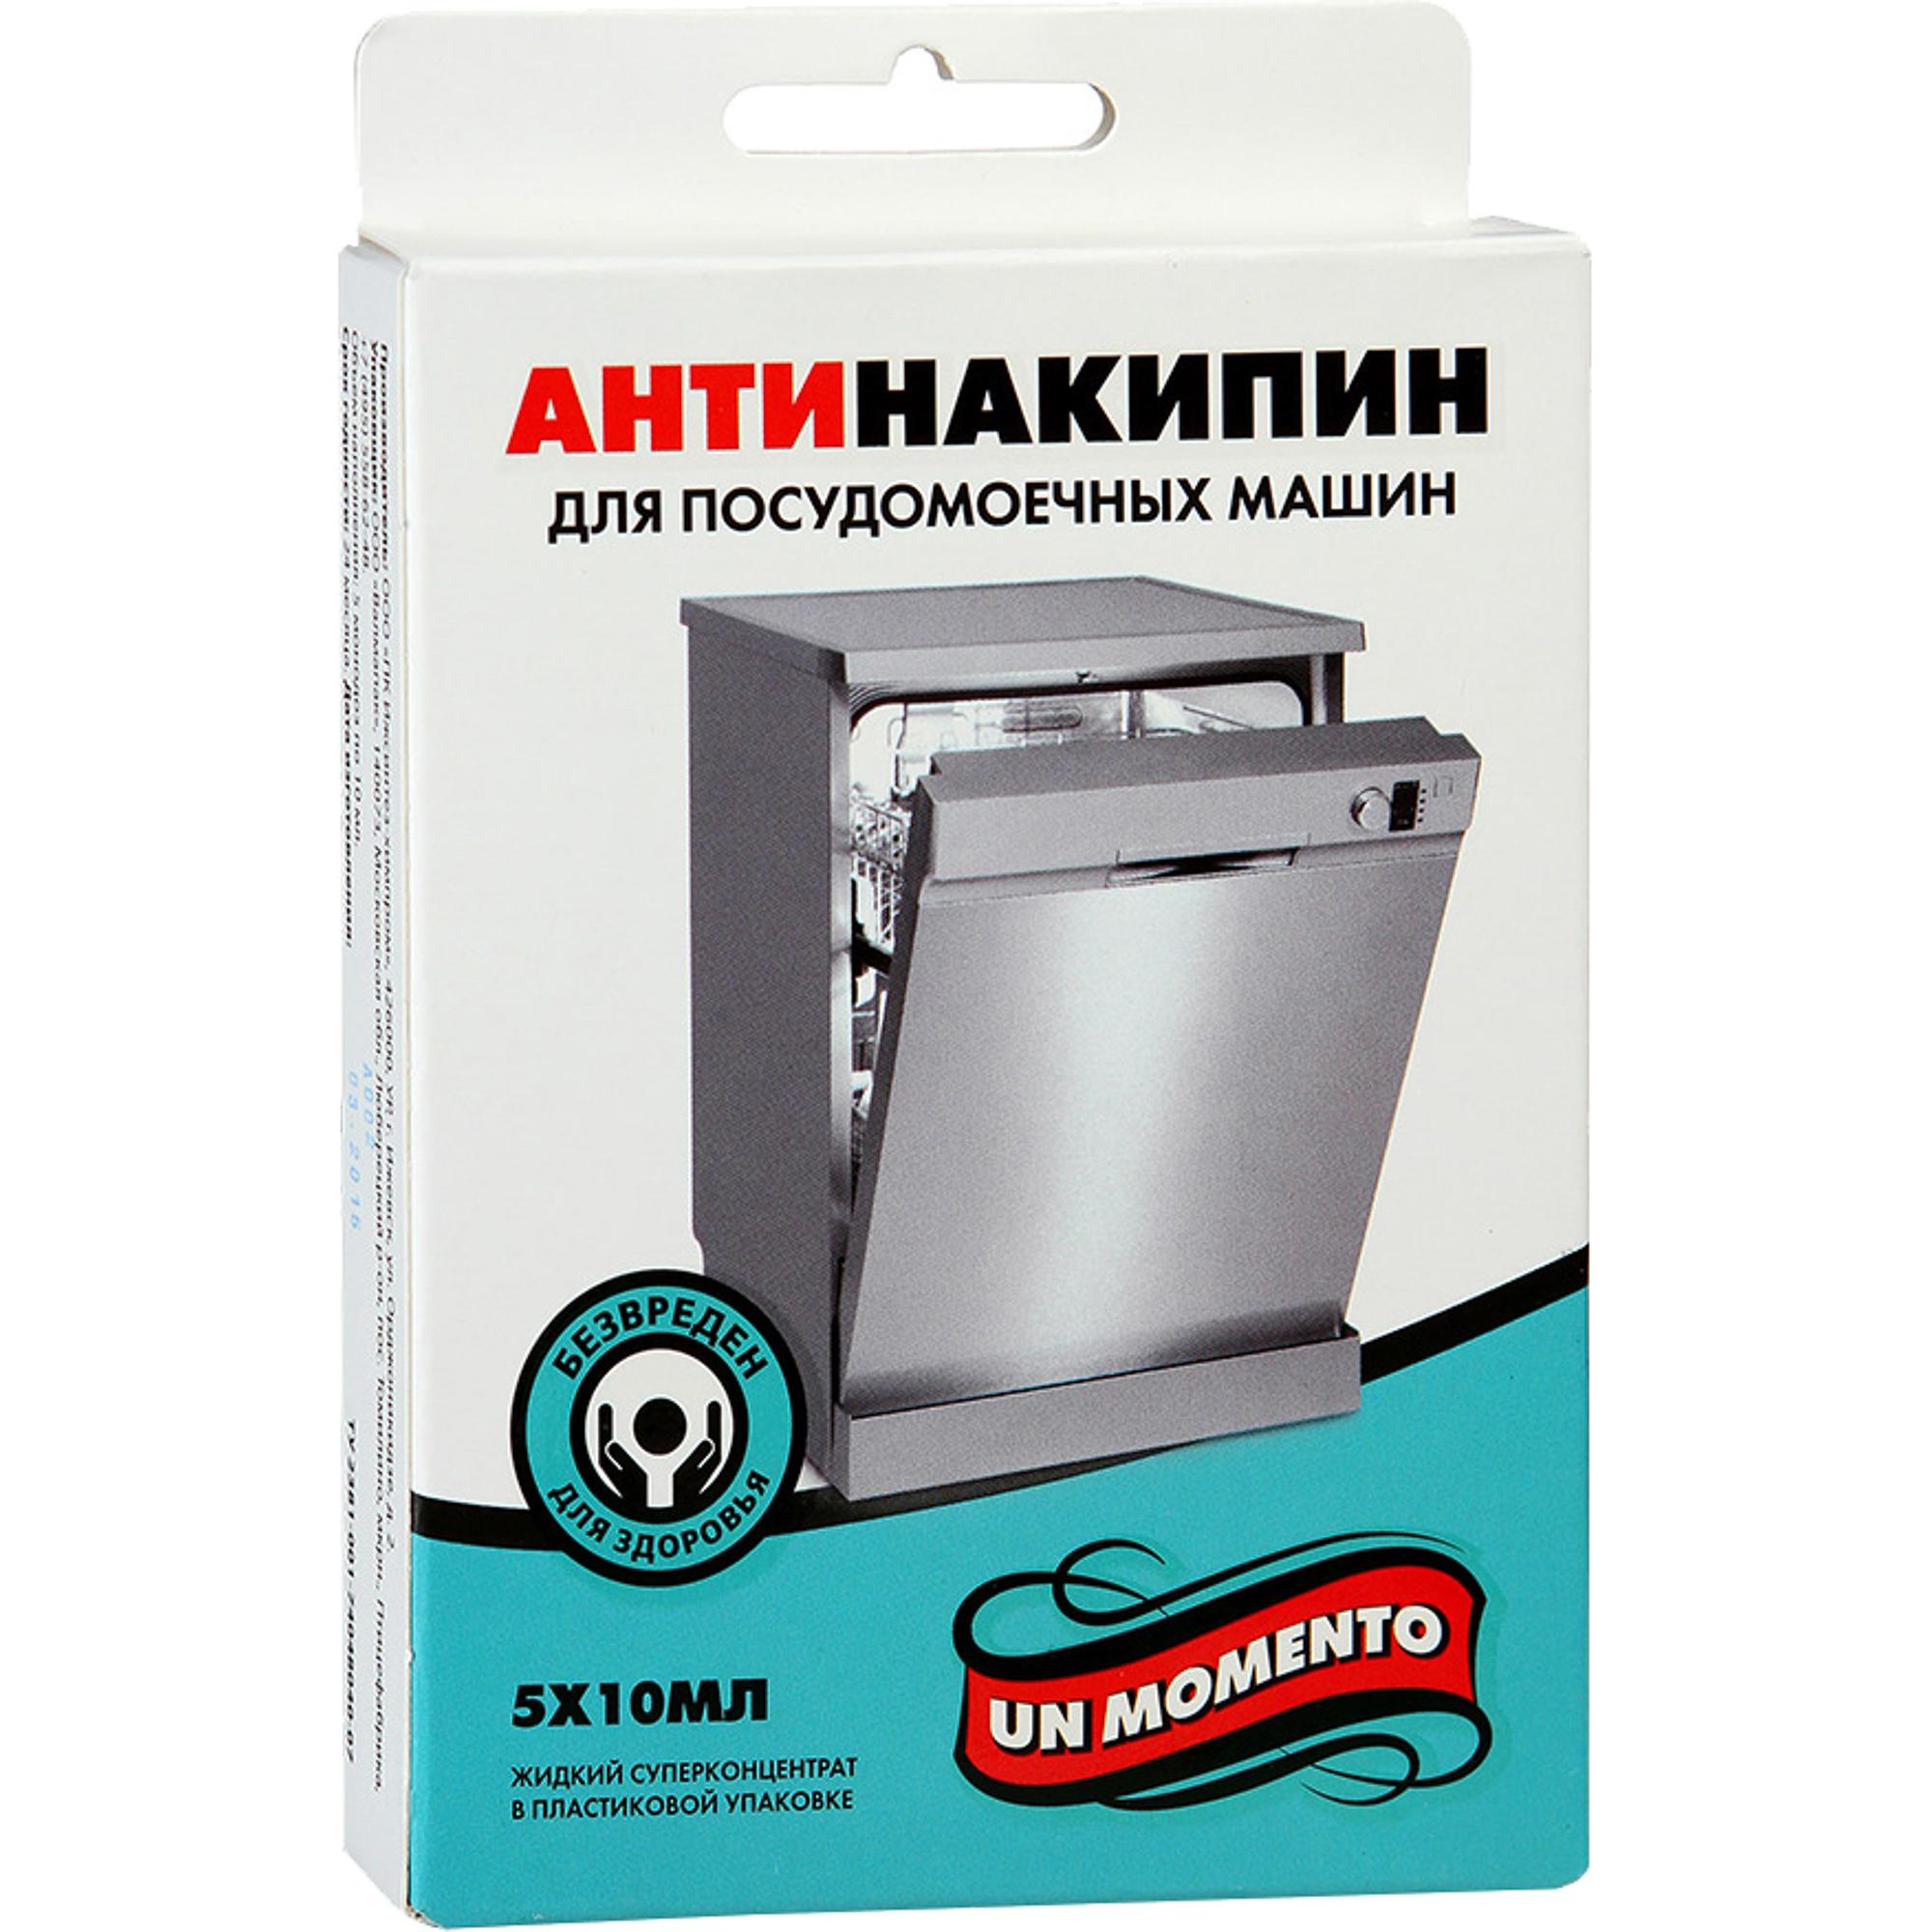 Средство от накипи Un Momento Антинакипин для для посудомоечных машин 5x10 мл